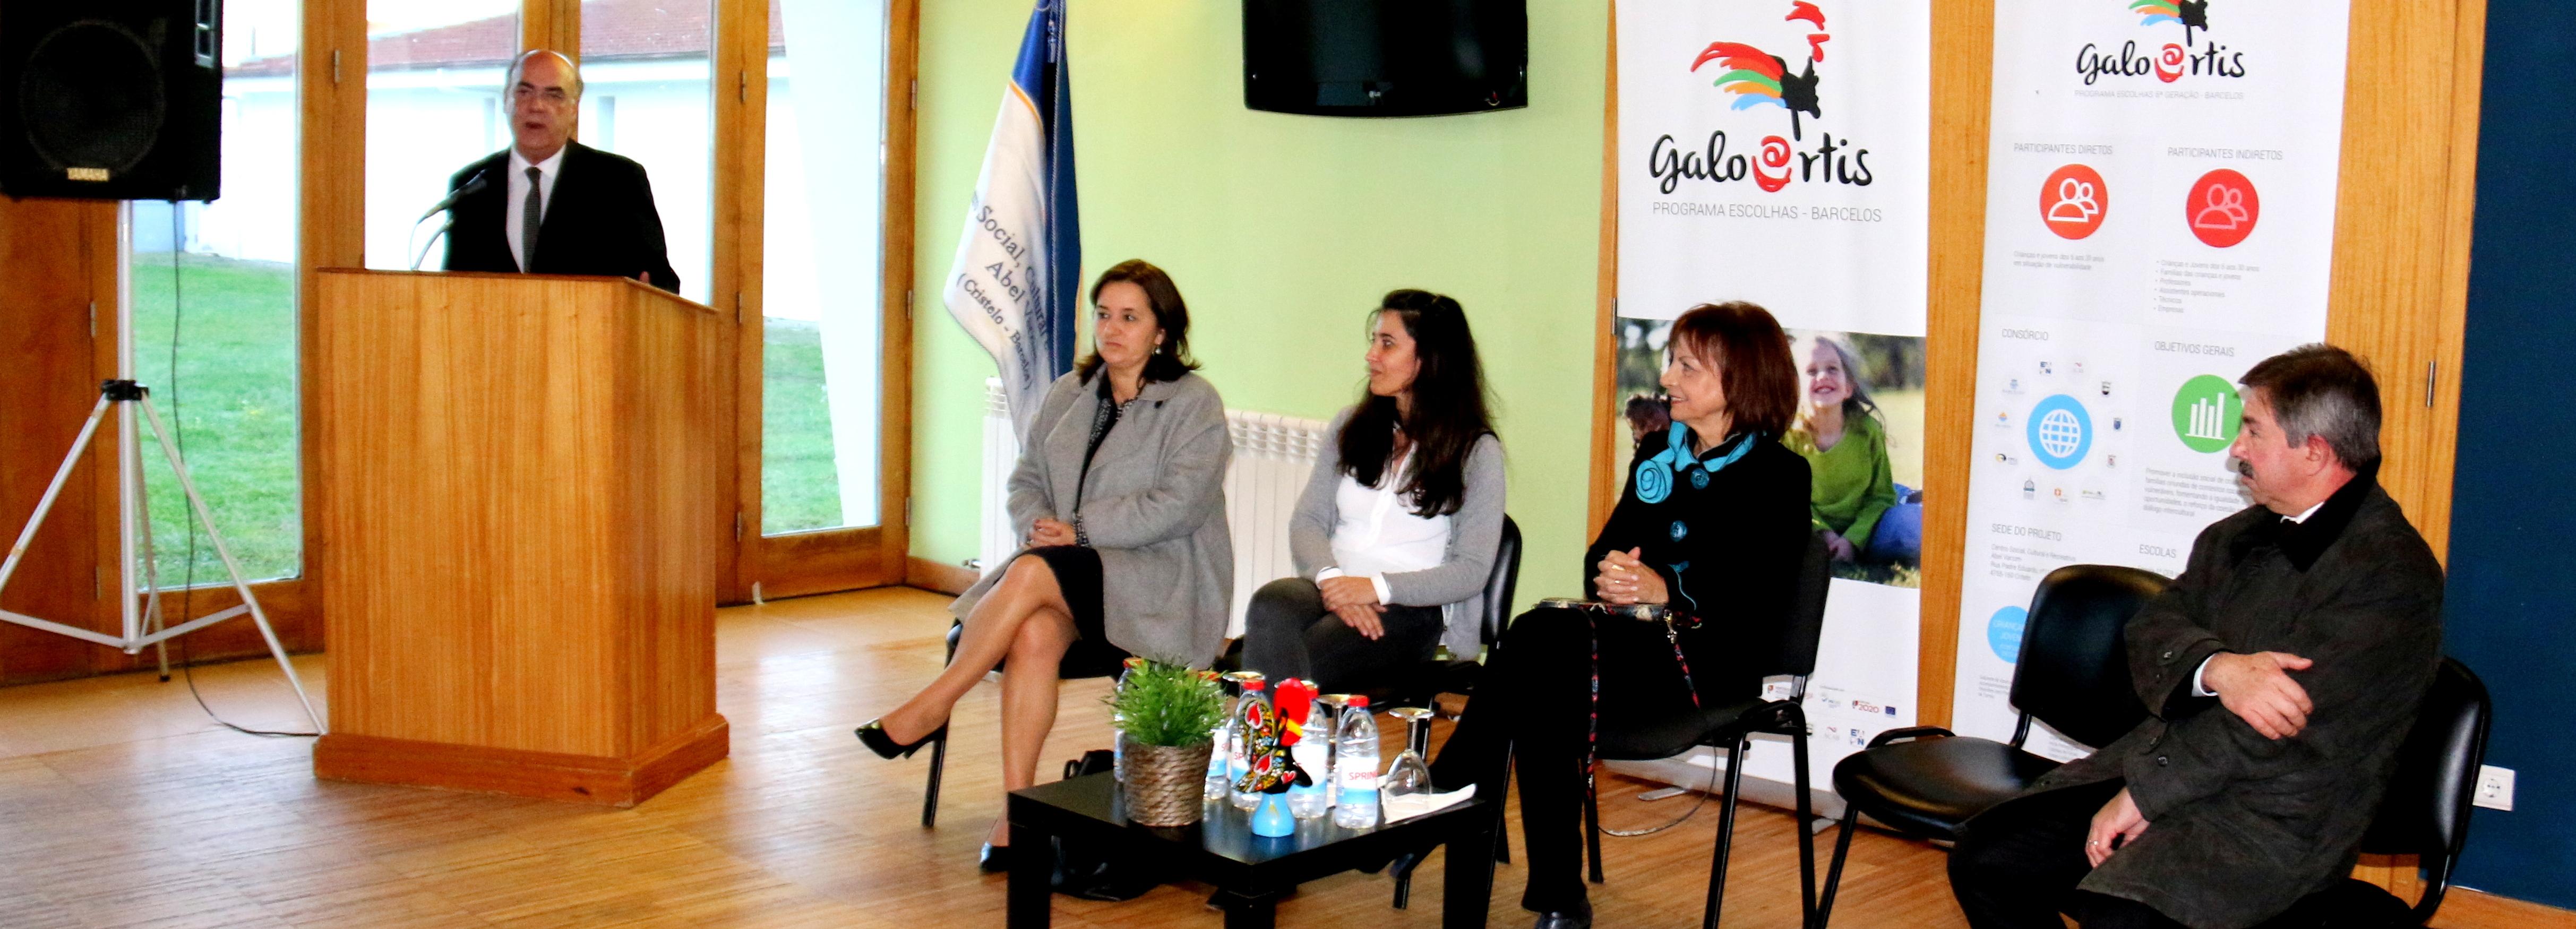 Ministra da Presidência e da Modernização Administrativa, Maria Manuel Leitão Marques, visitou Barcelos